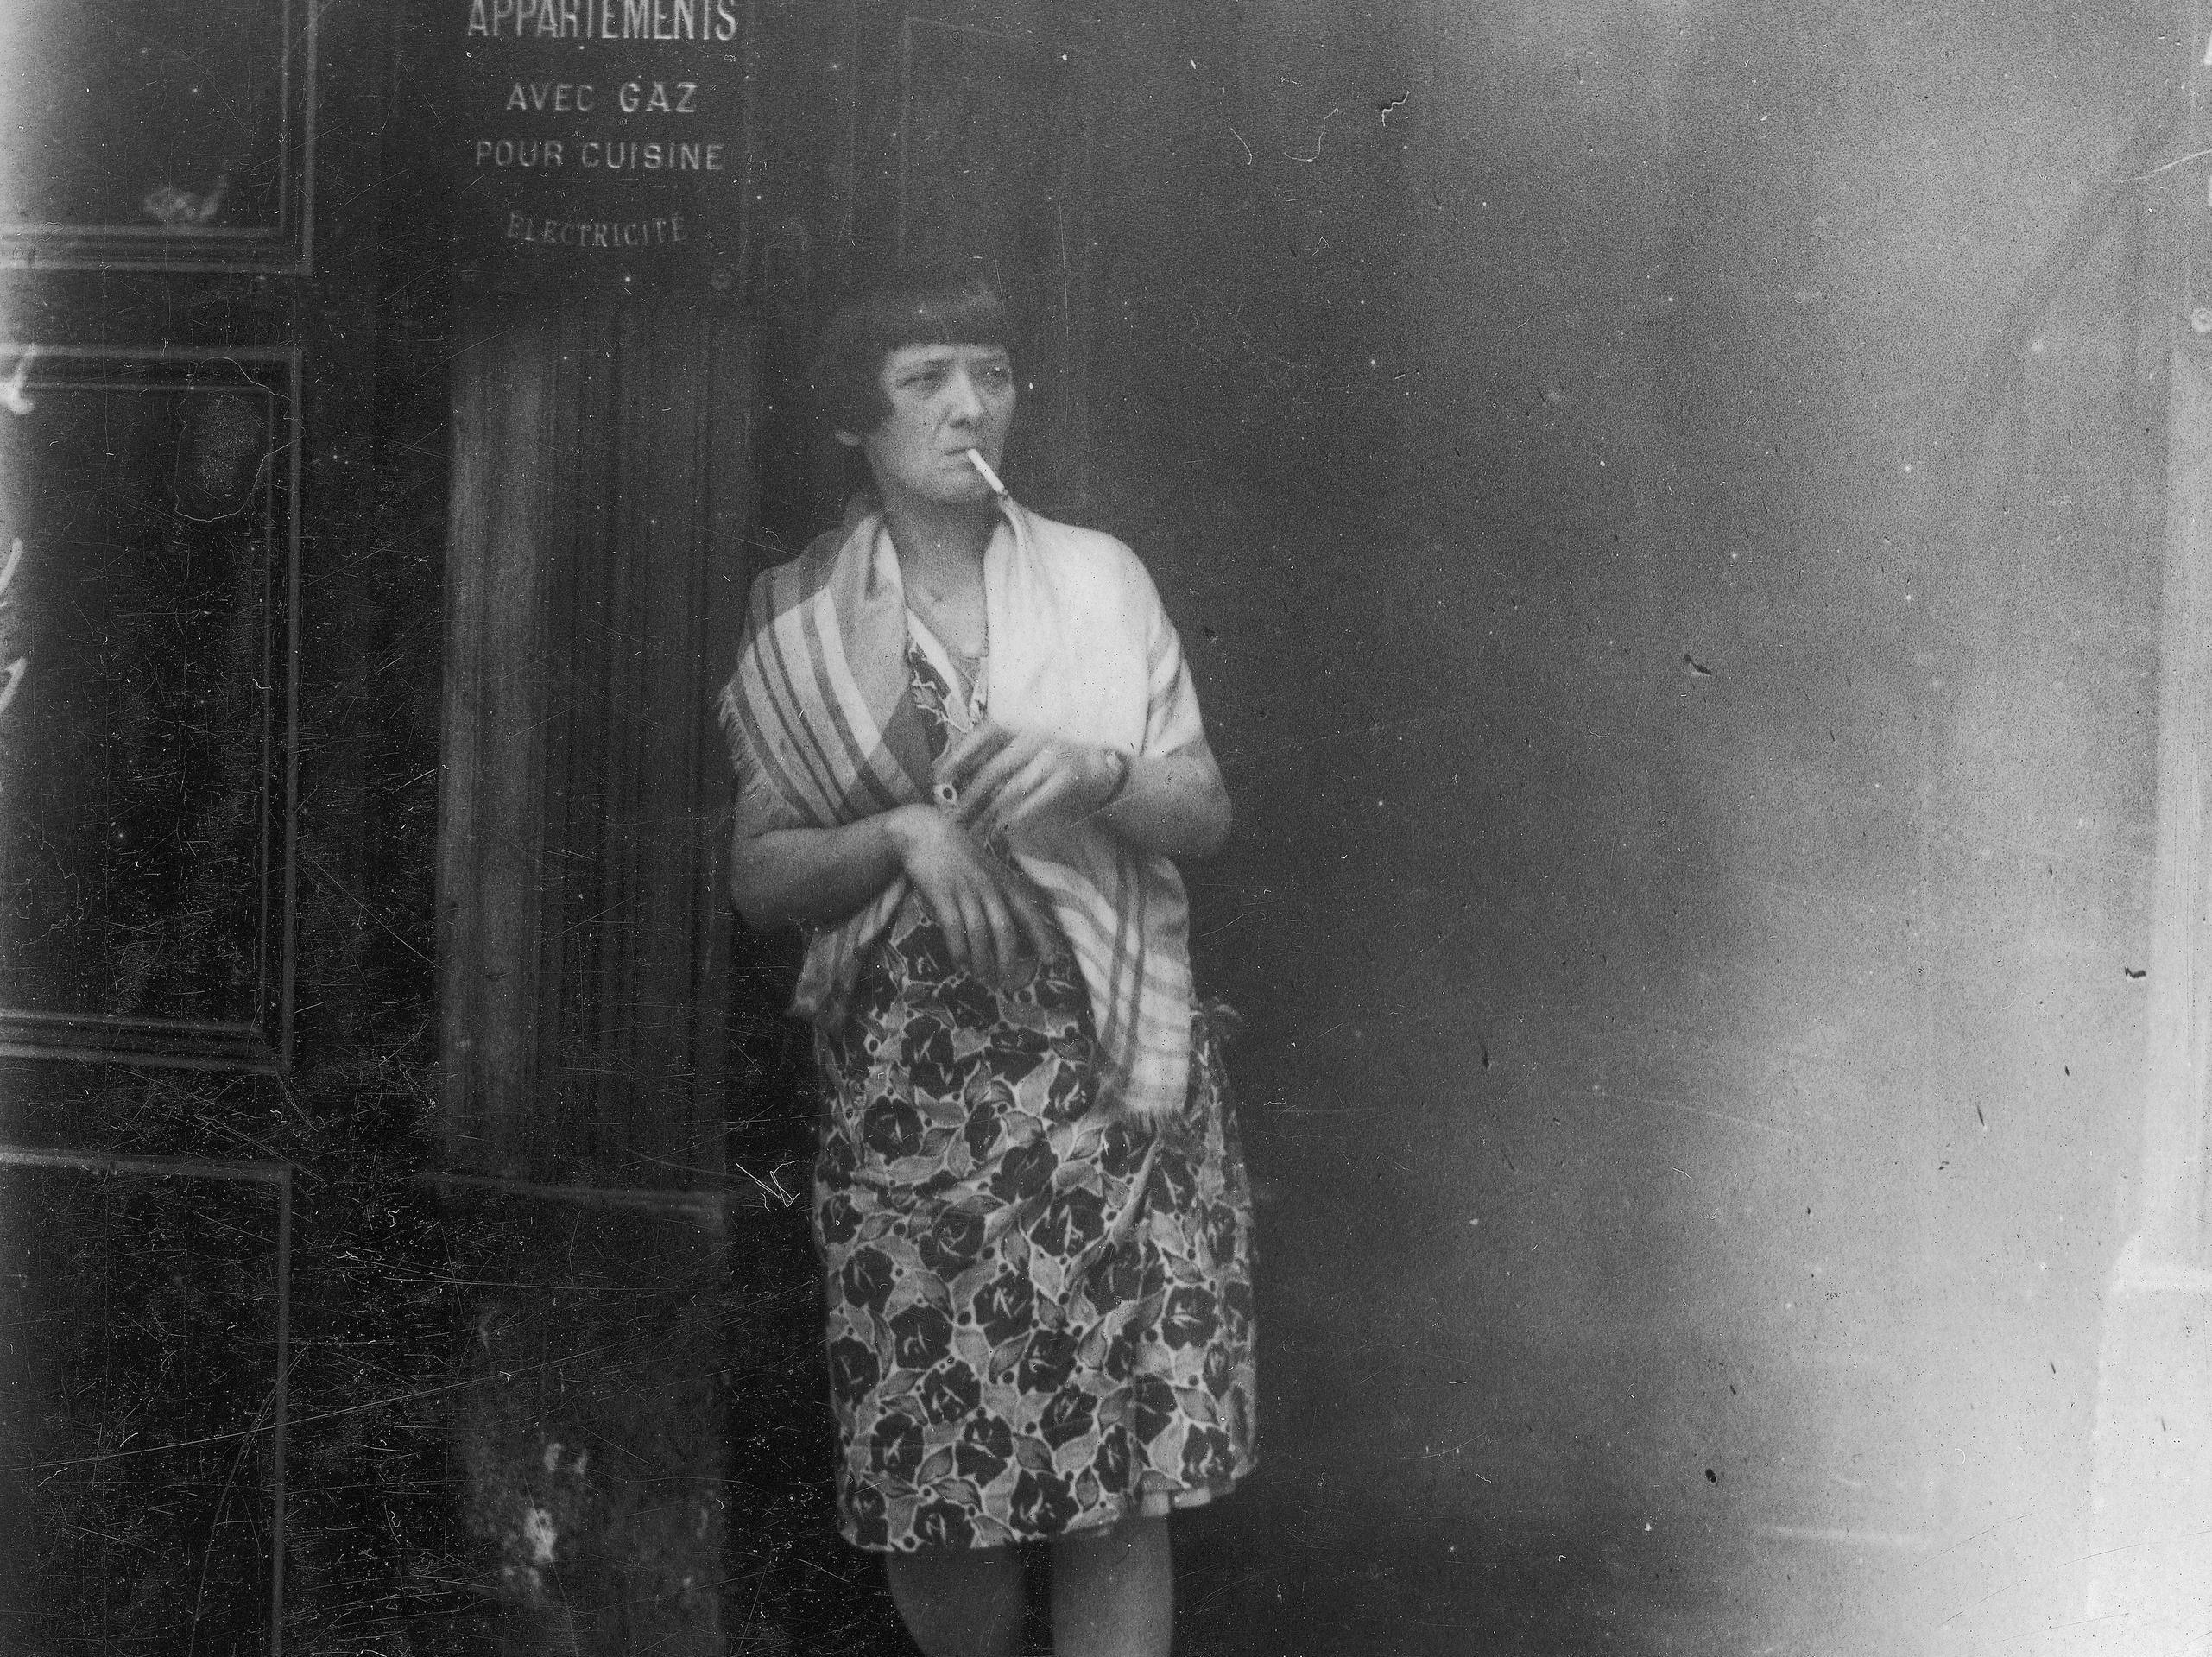 Od najdawniejszych czasów armie starały się formalizować działania prostytutek, które podążały za frontem.